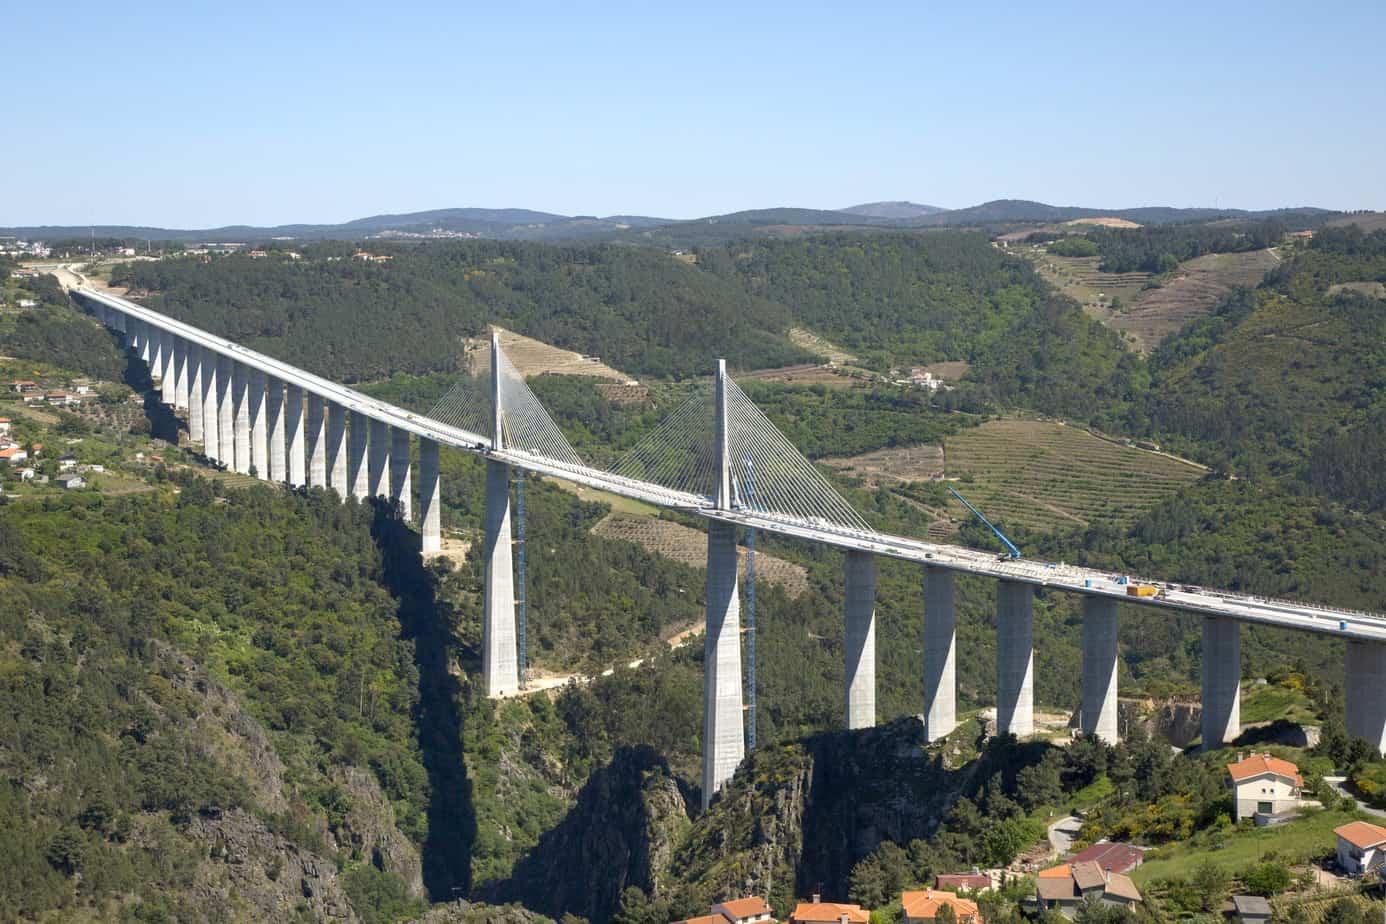 Il viadotto della vallata del fiume Corgo, lungo 2.796 m e con campata centrale di 300 m